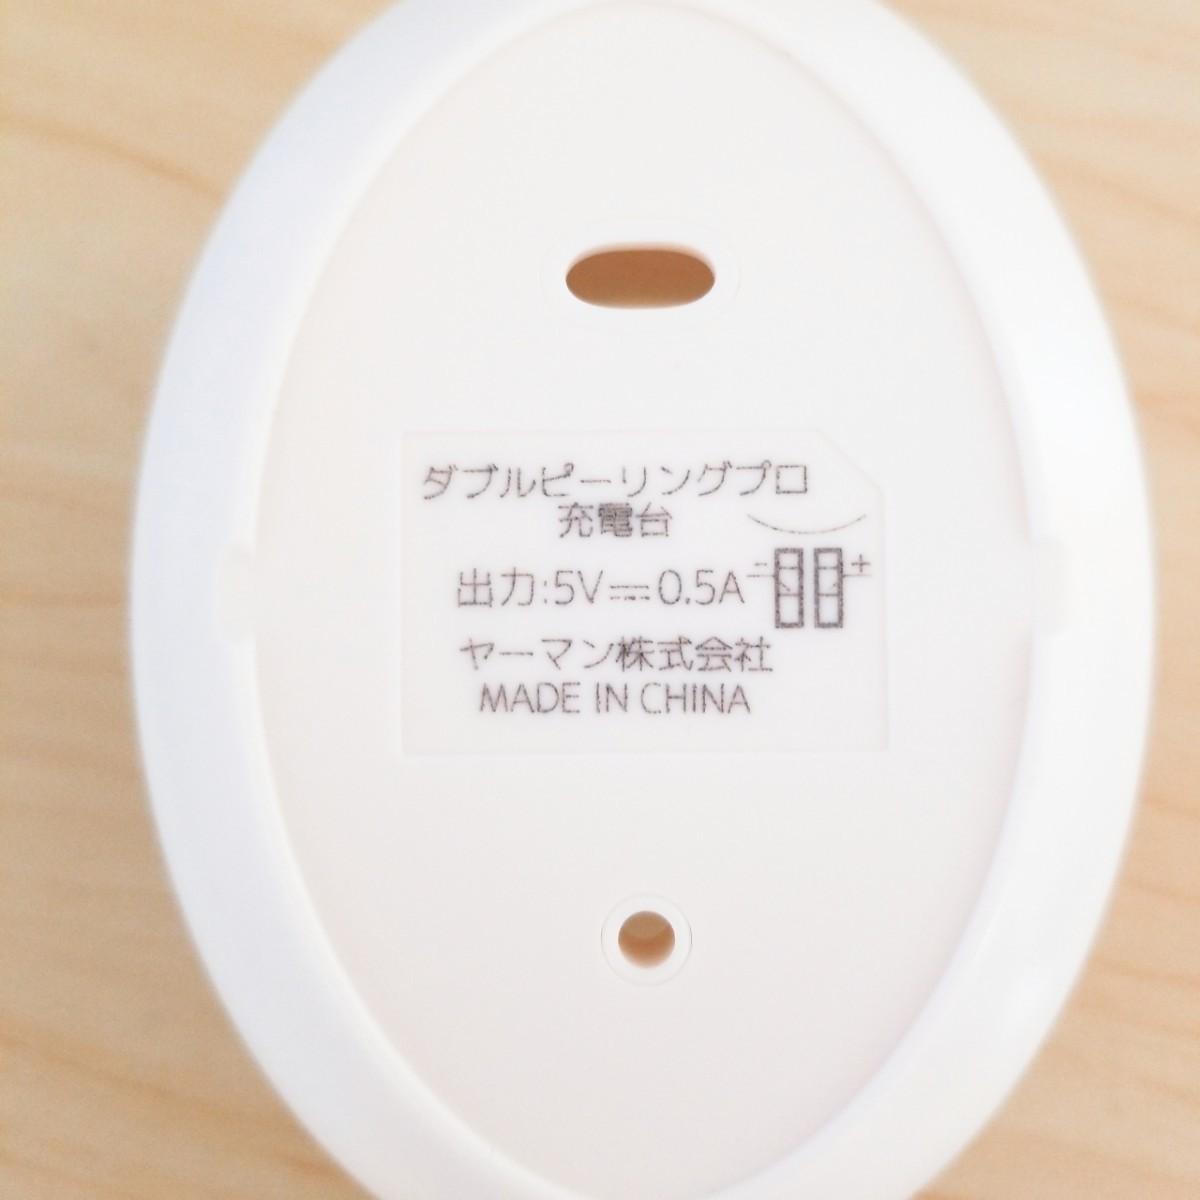 ヤーマン ダブルピーリングプロ 美容器 YA-MAN 美顔器 家庭用 超音波 IB36P2 防水 お風呂で使える 角栓 毛穴